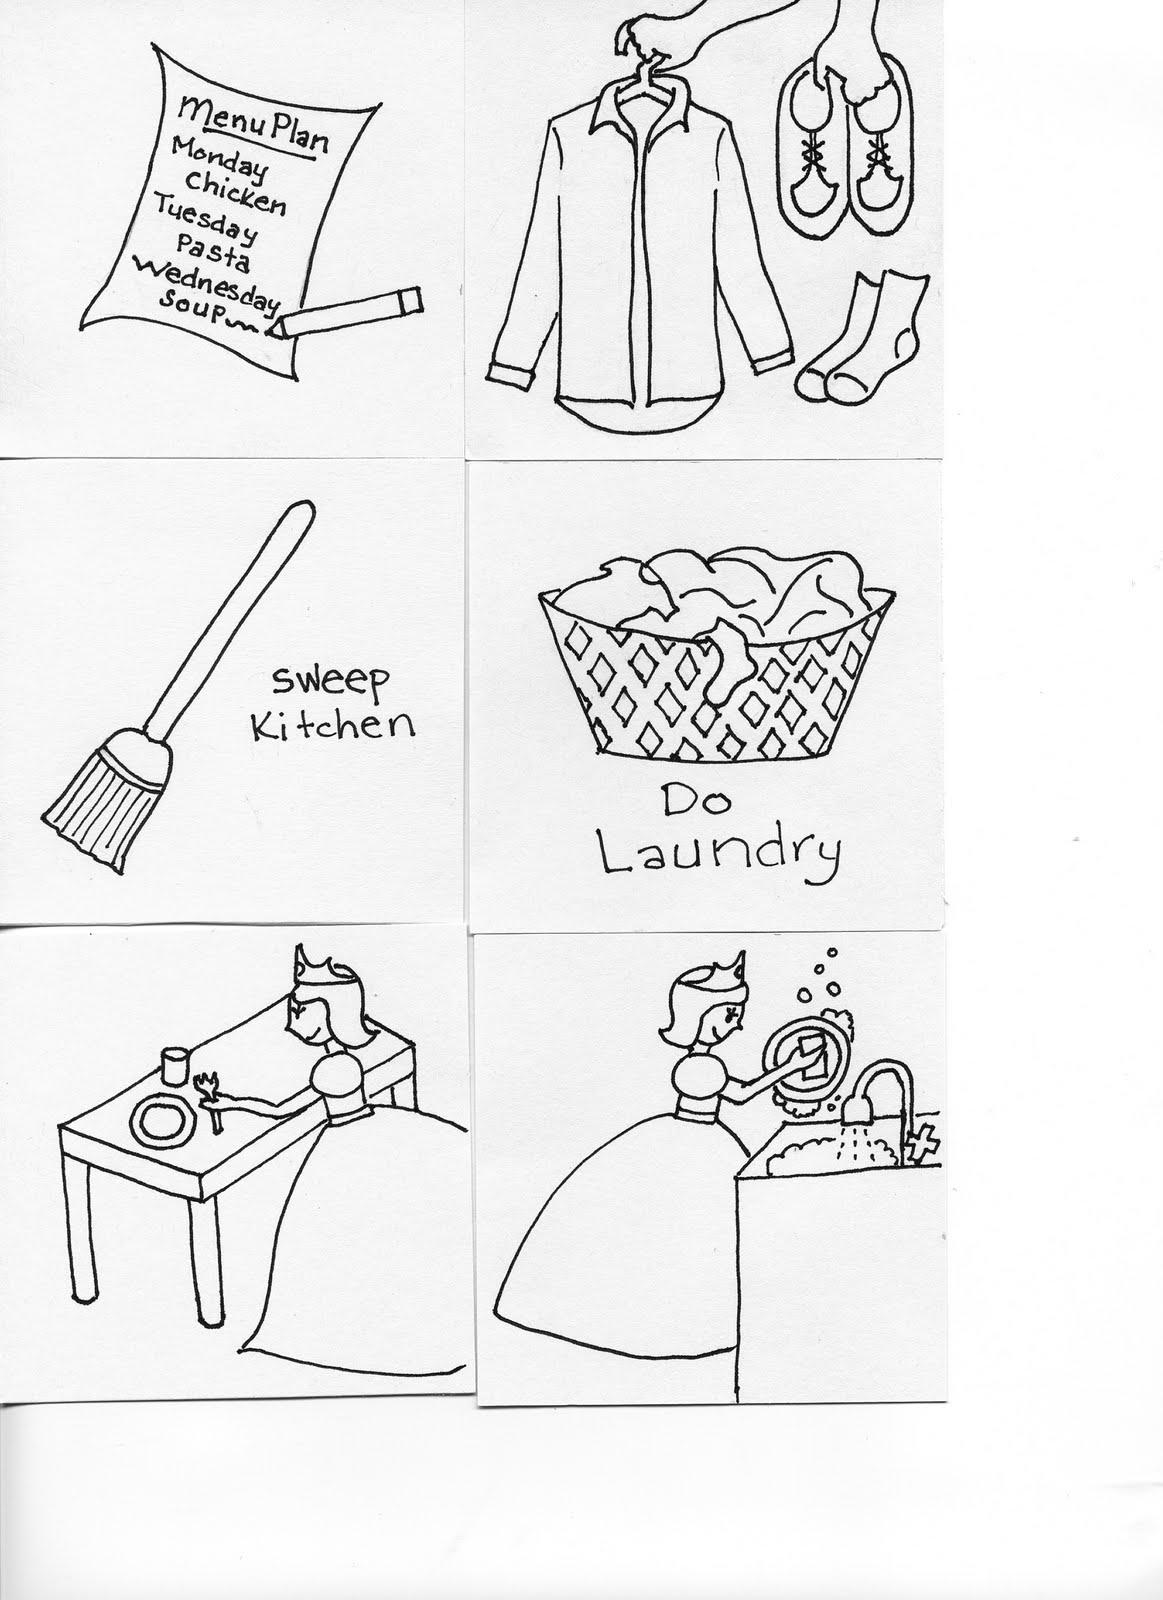 Chore Chart Drawings